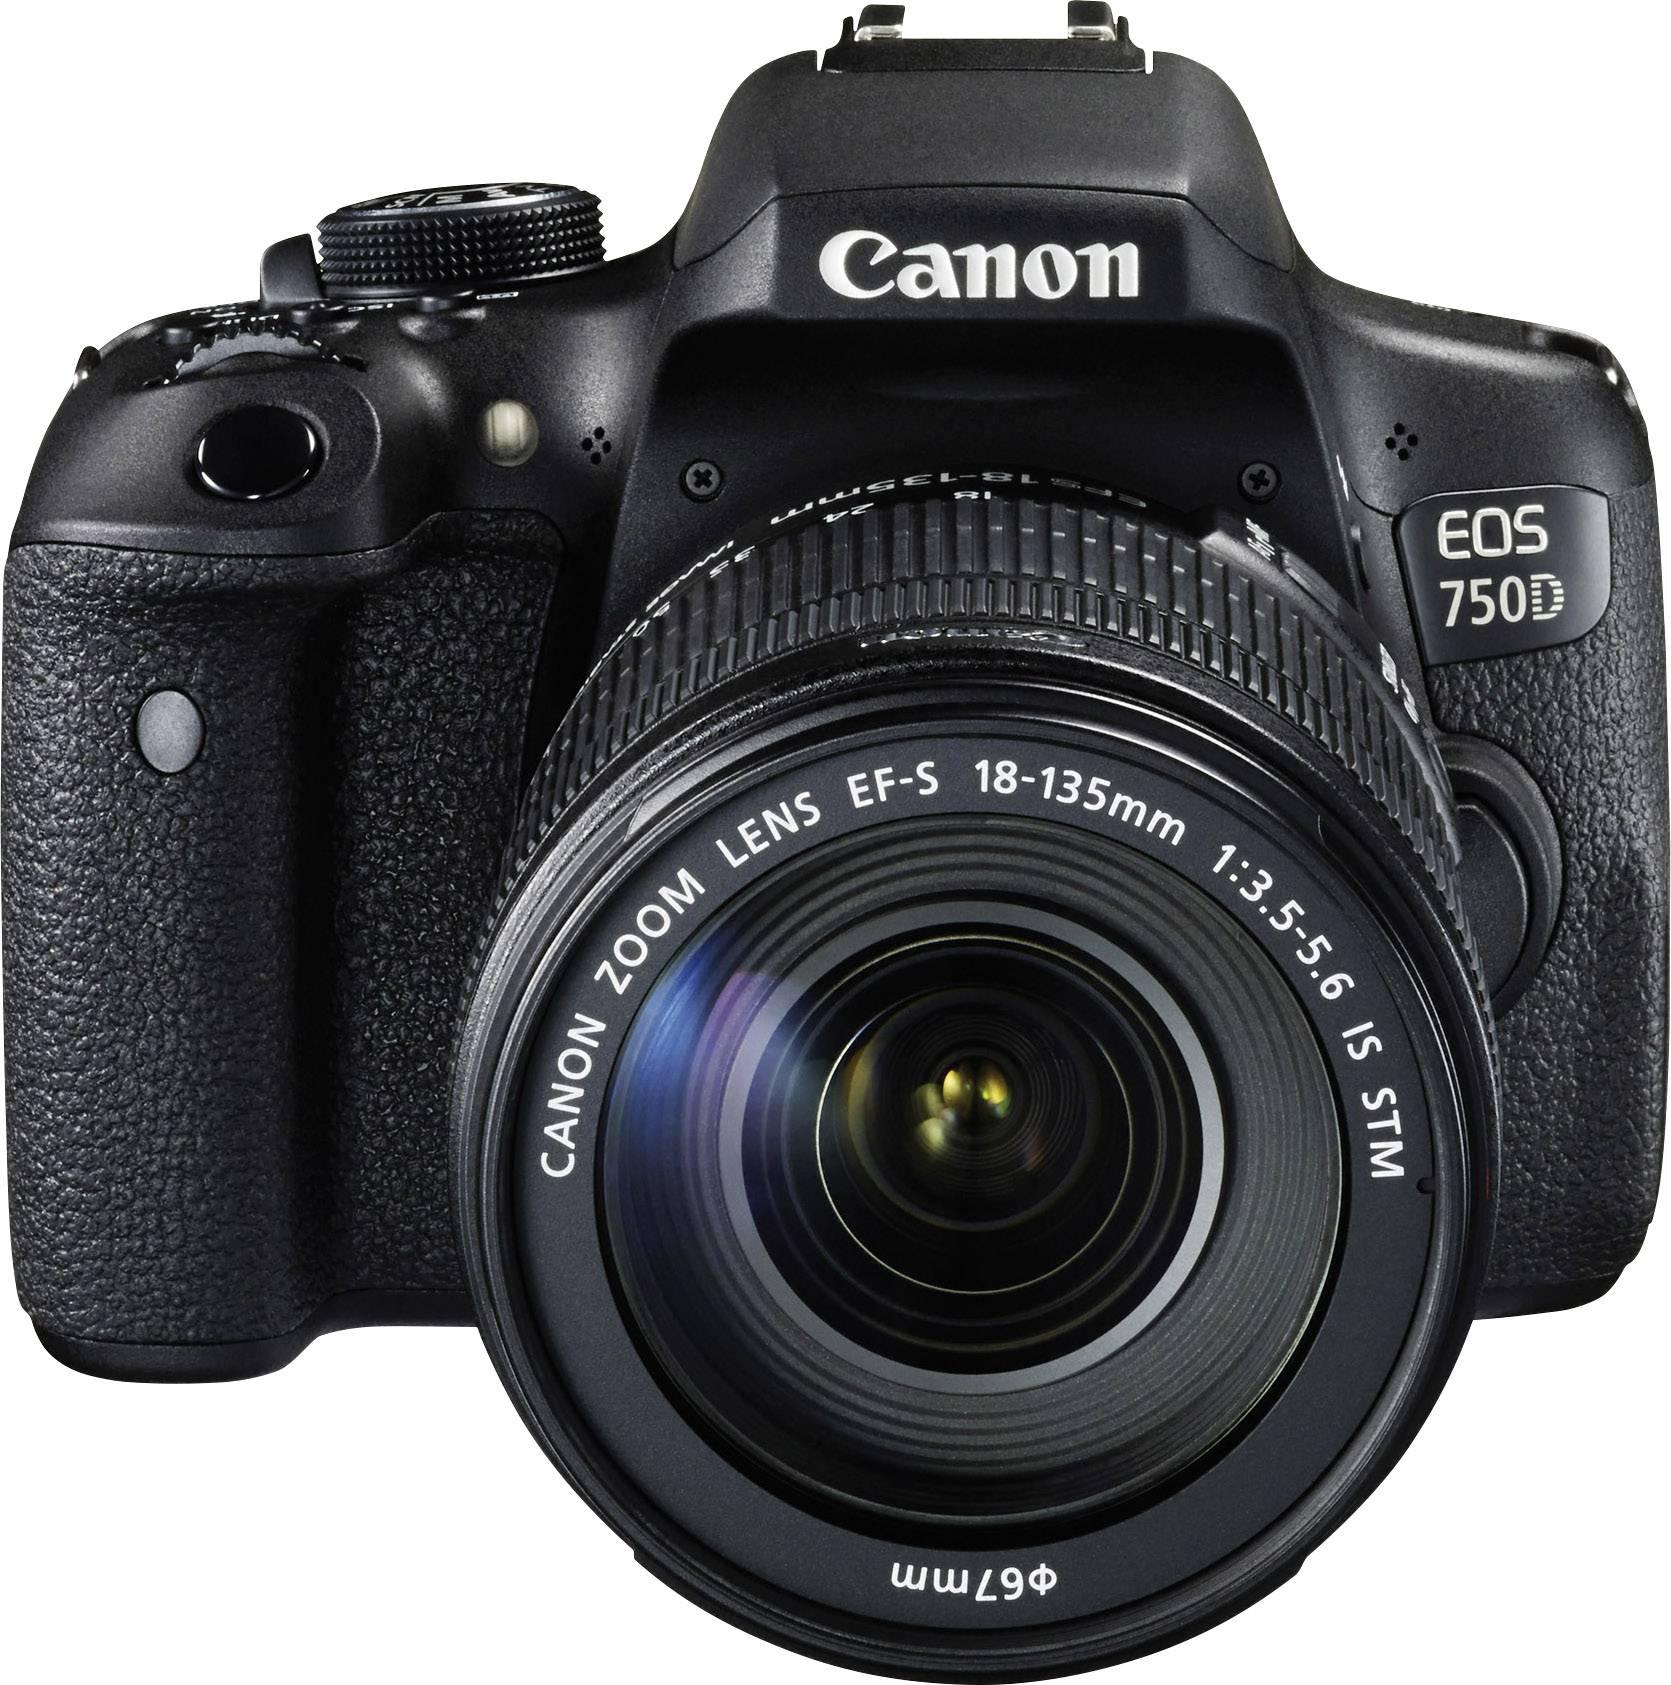 DSLR camera Canon EOS 750D EF-S 18-135 mm IS STM Black Hot